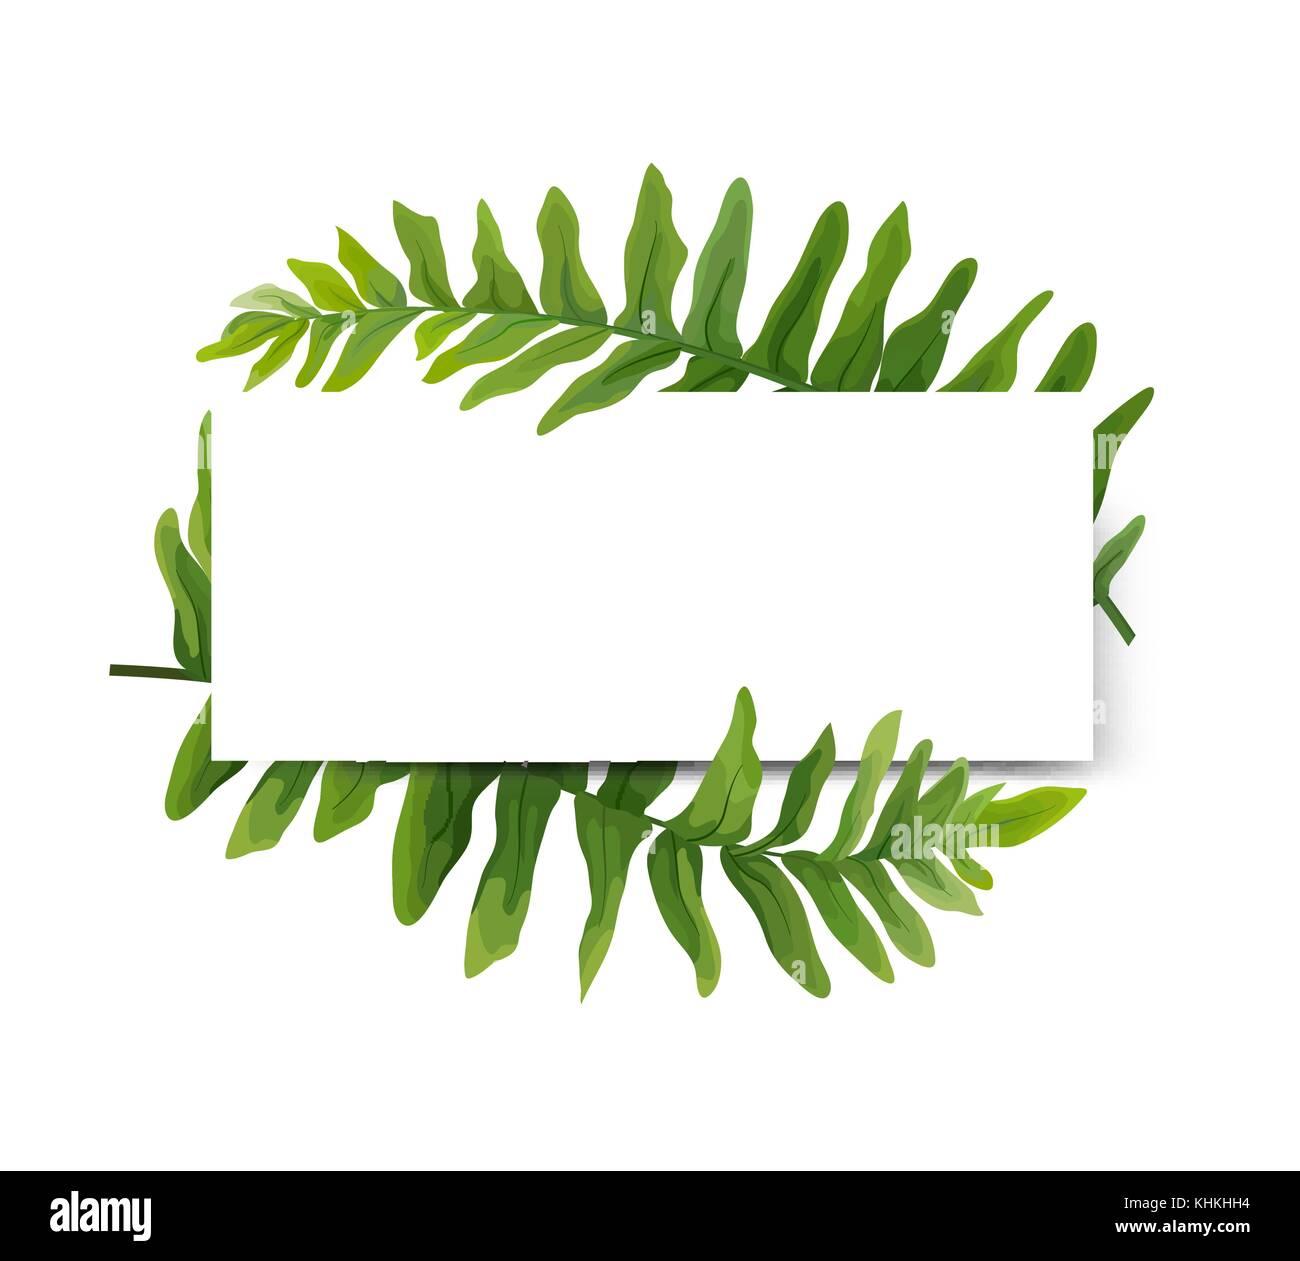 floral modern vector card design gr n deutsch farn wedel bl tter elegante gr n wald kranz rand. Black Bedroom Furniture Sets. Home Design Ideas